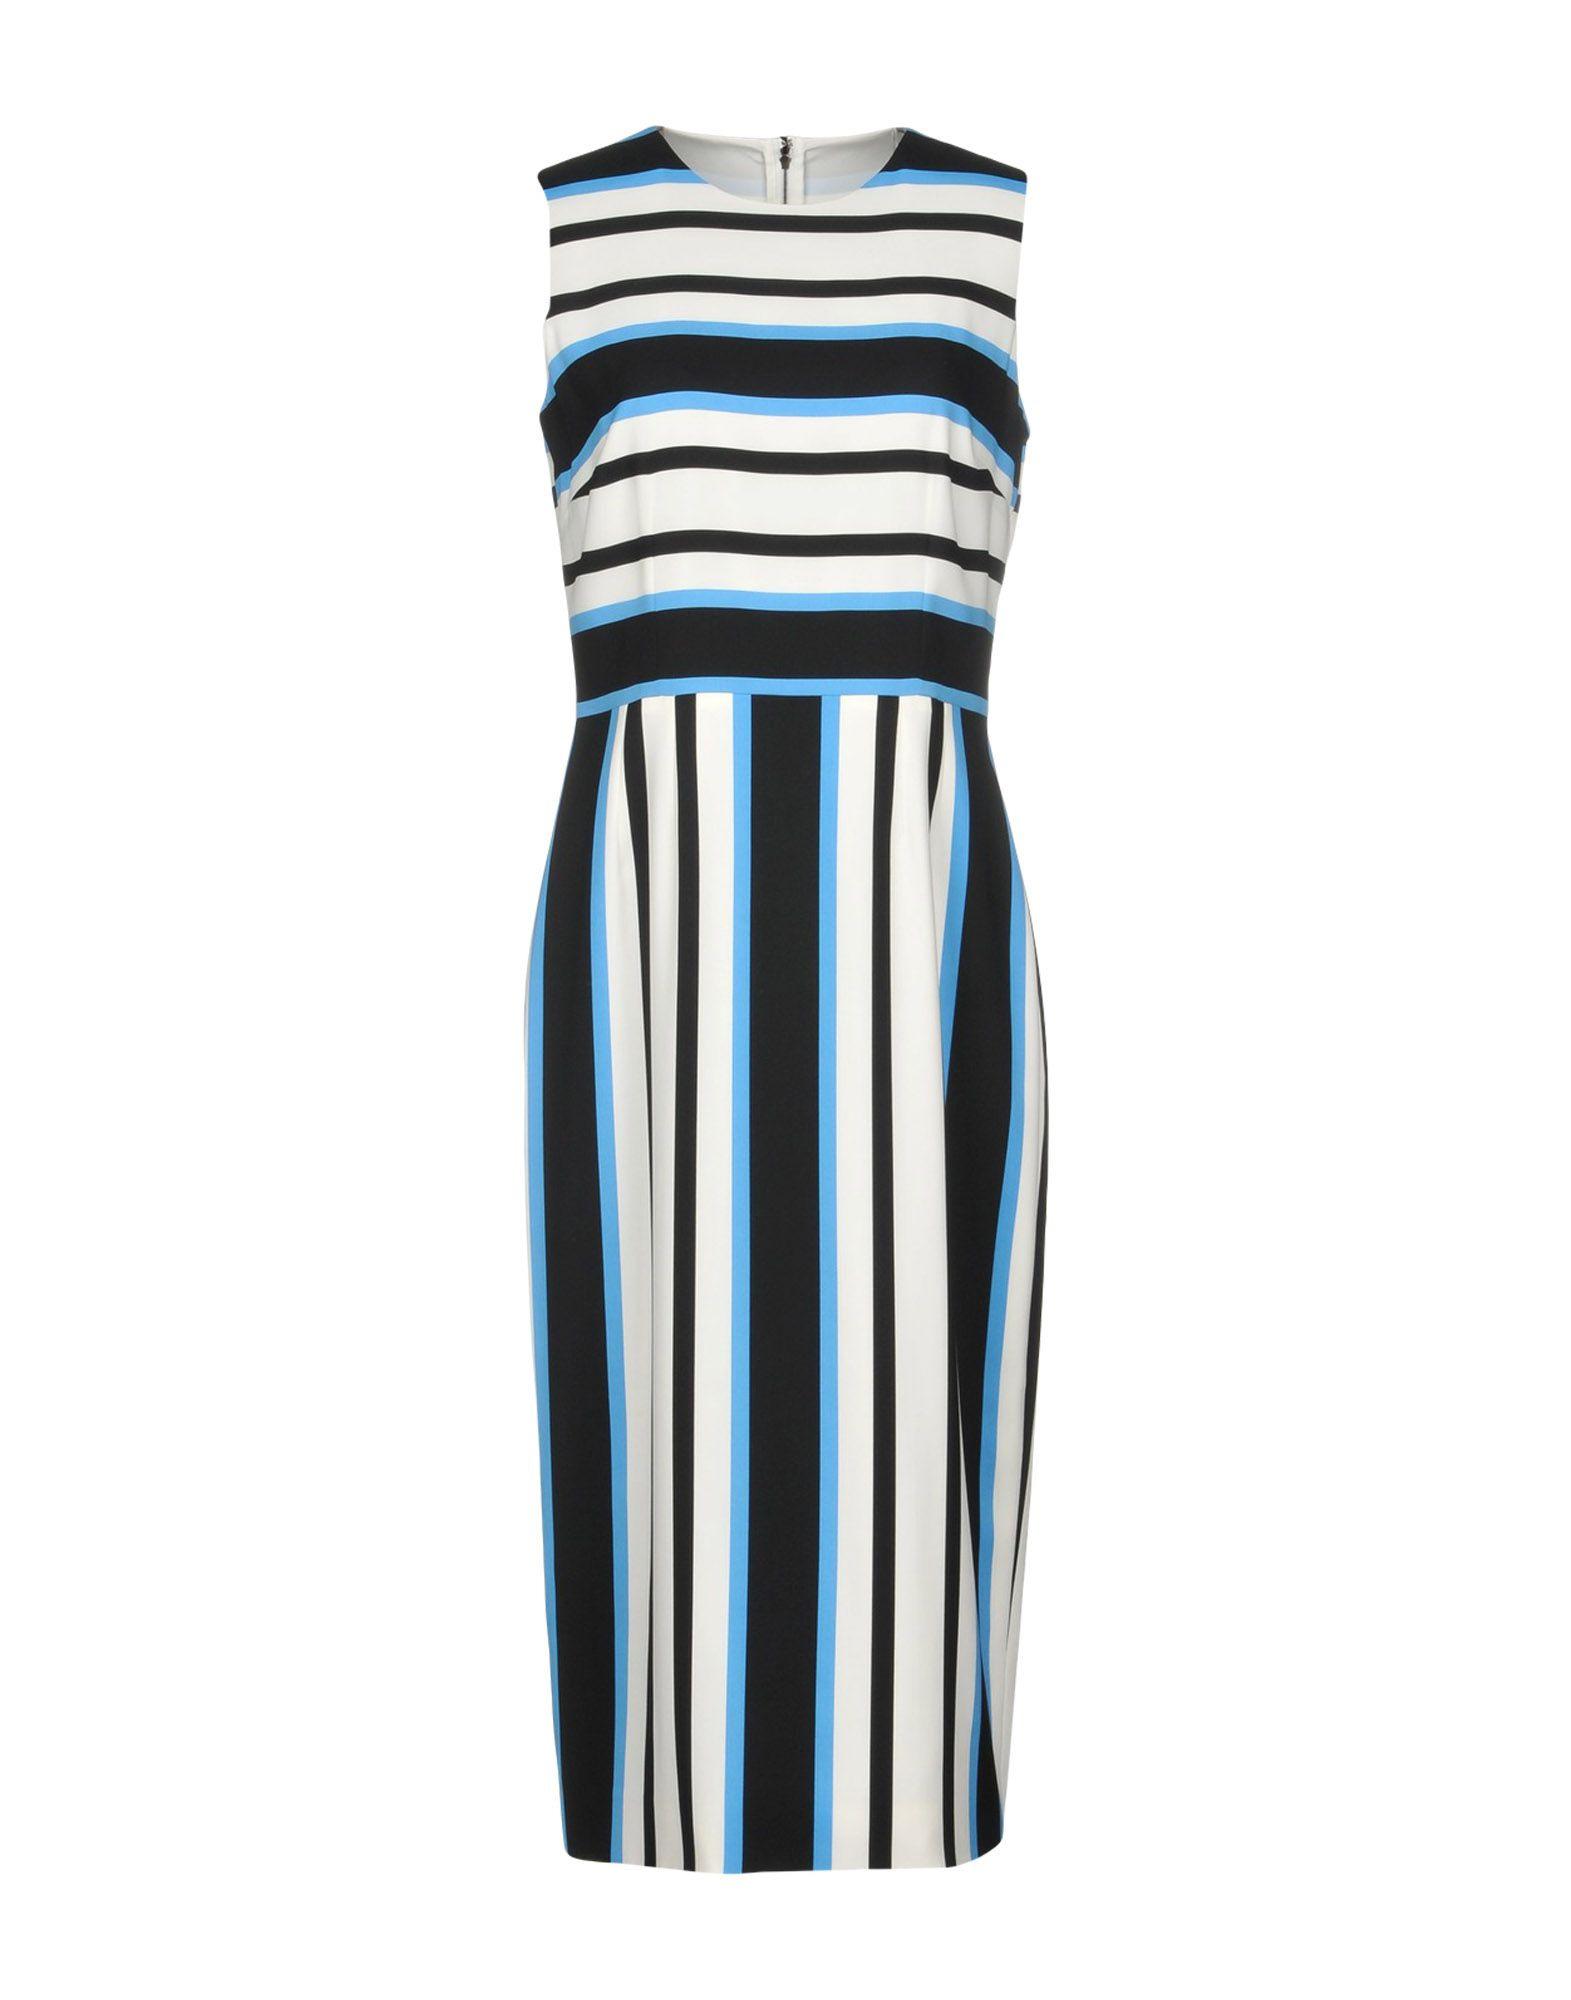 Abend Schön Abendkleid Yoox Vertrieb15 Leicht Abendkleid Yoox Stylish